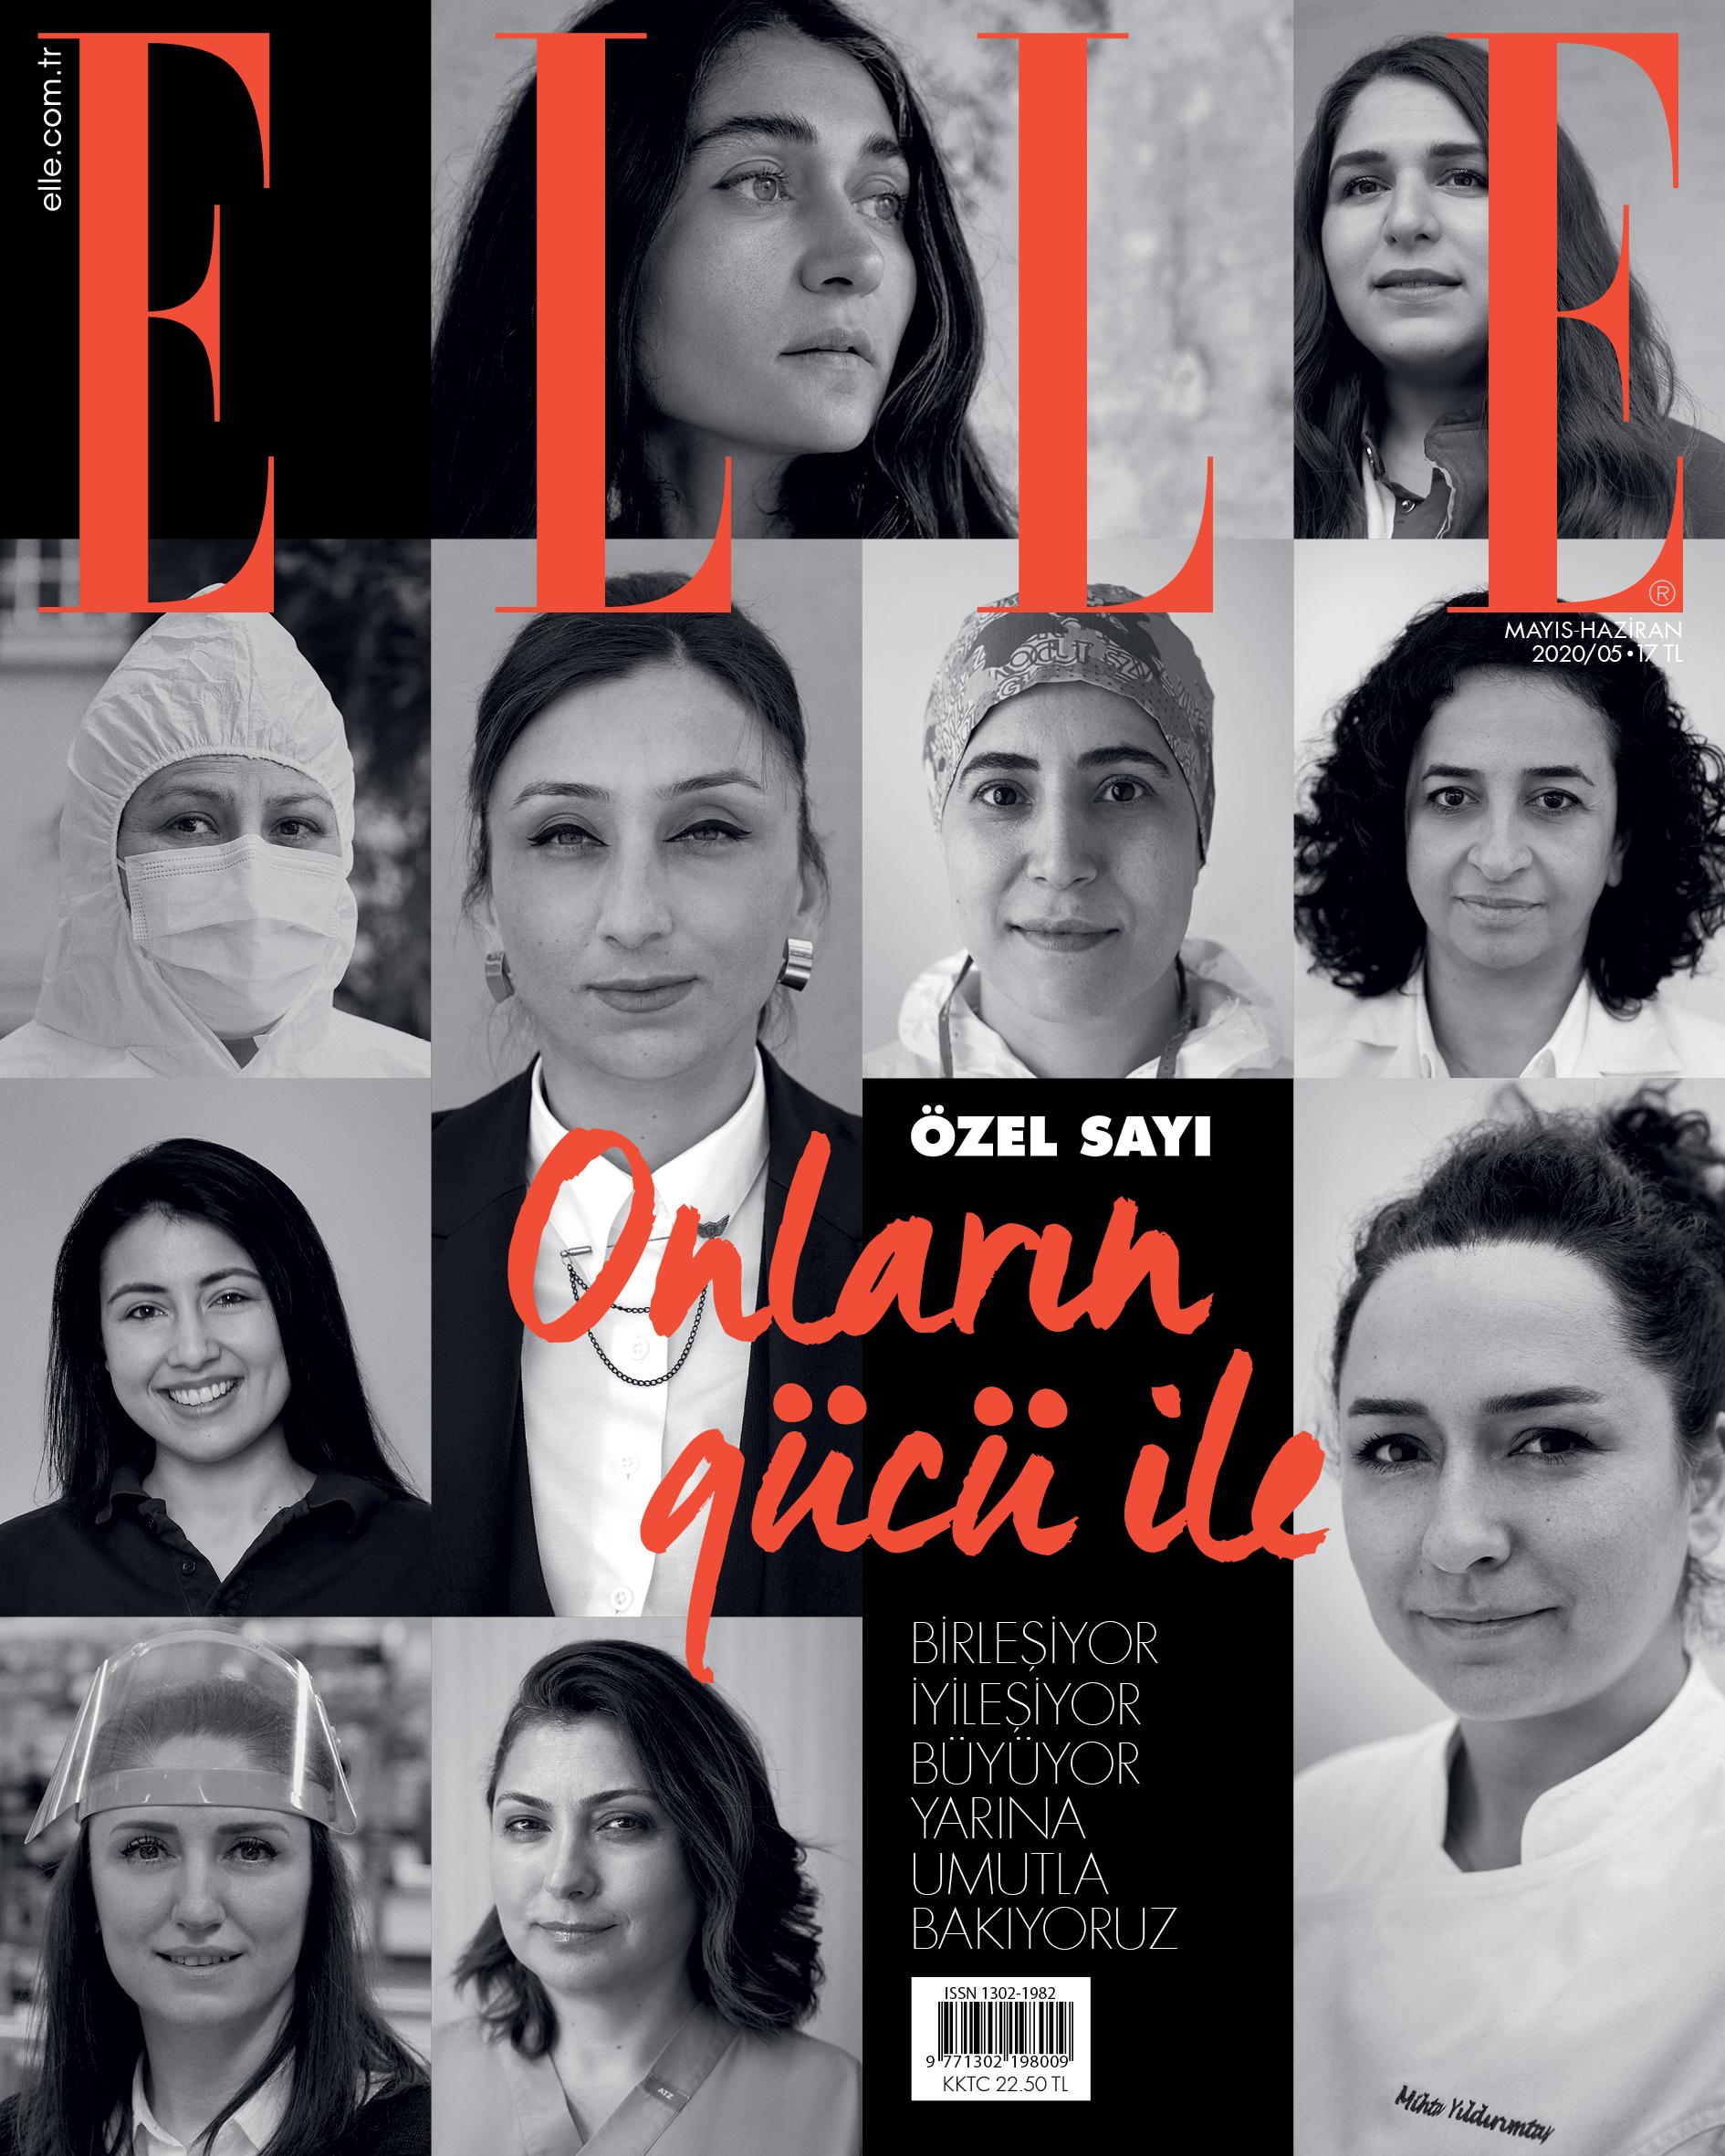 Elle Türkiye'den Devrim Gibi Kapak: Onların Gücü ile